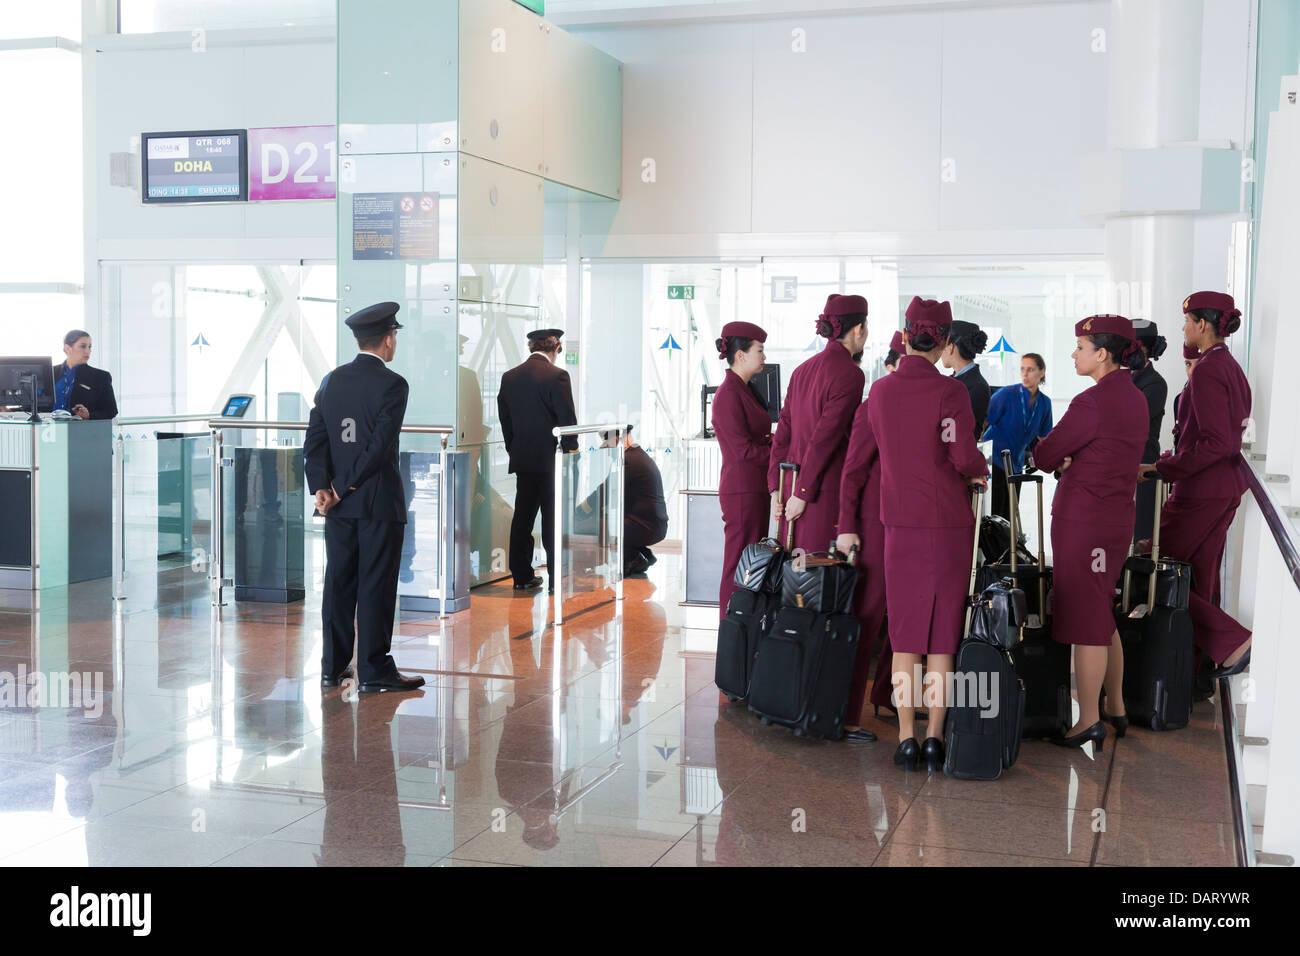 Qatar Airways les pilotes et le personnel de cabine en attente à l'aéroport d'embarquement. Photo Stock